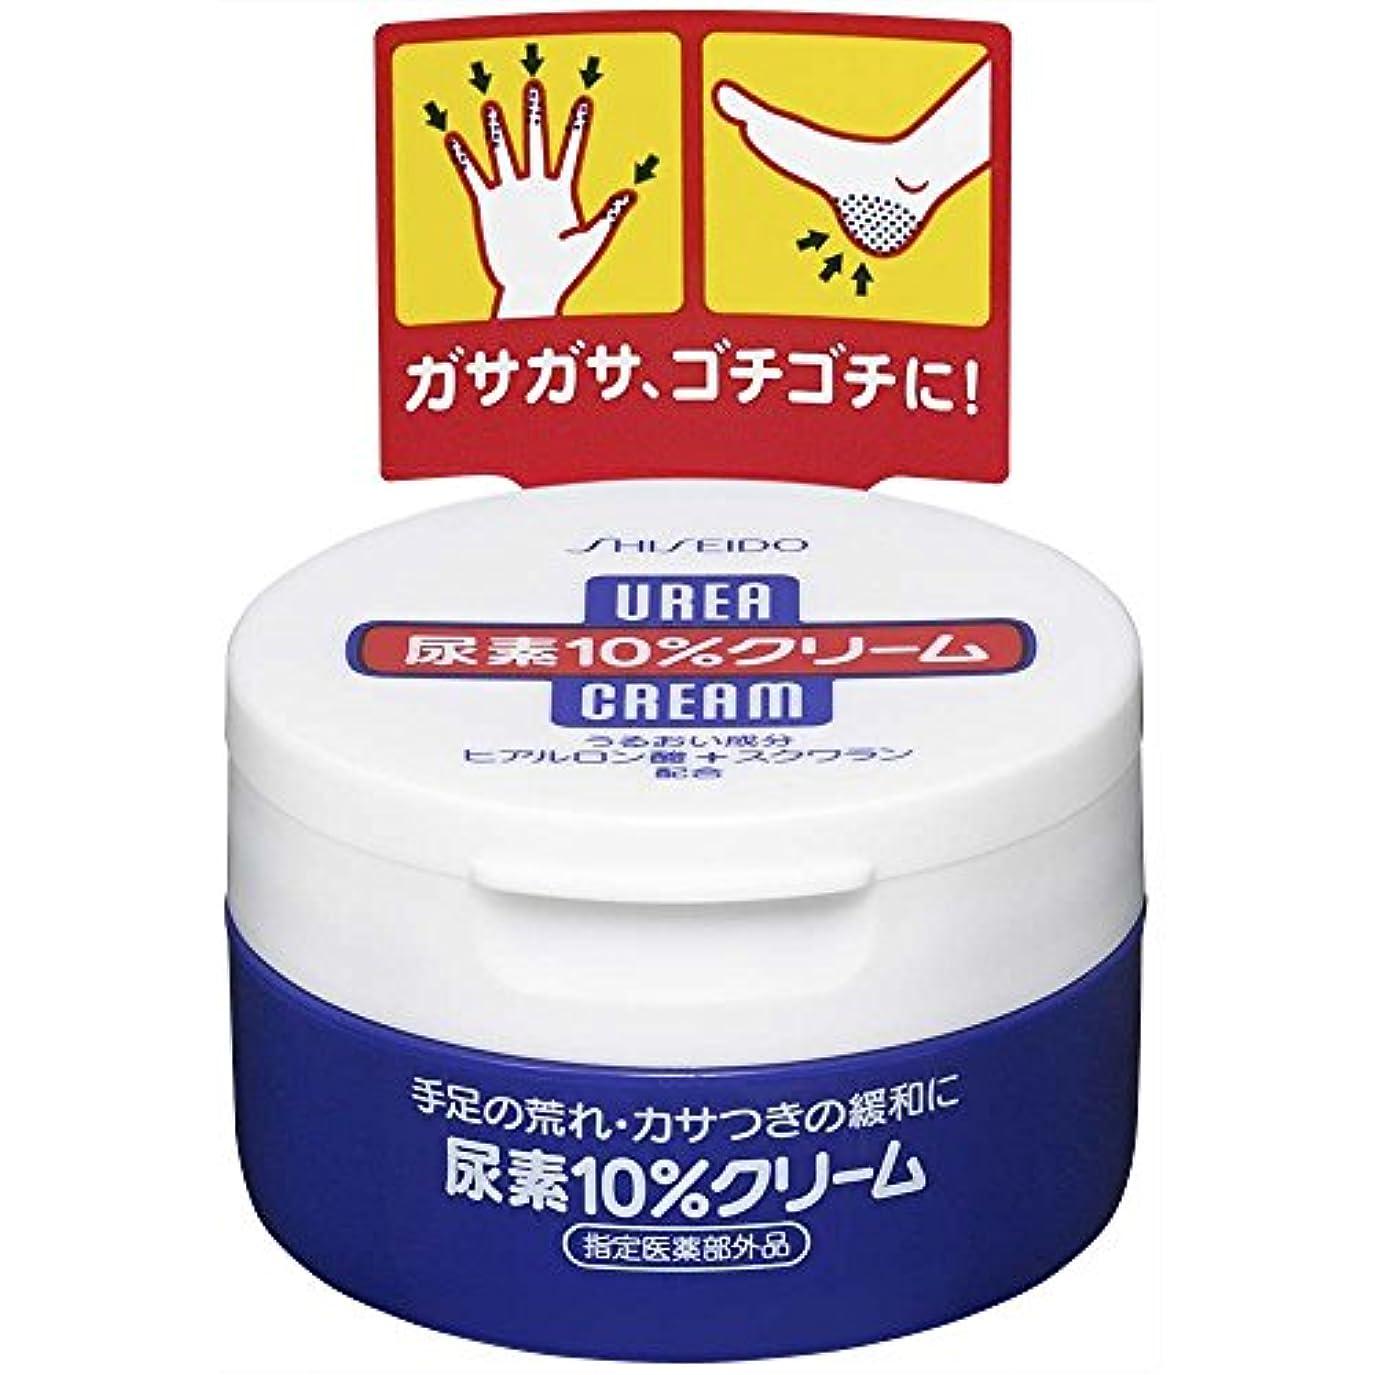 器官郵便屋さん徴収尿素10% クリーム 100g